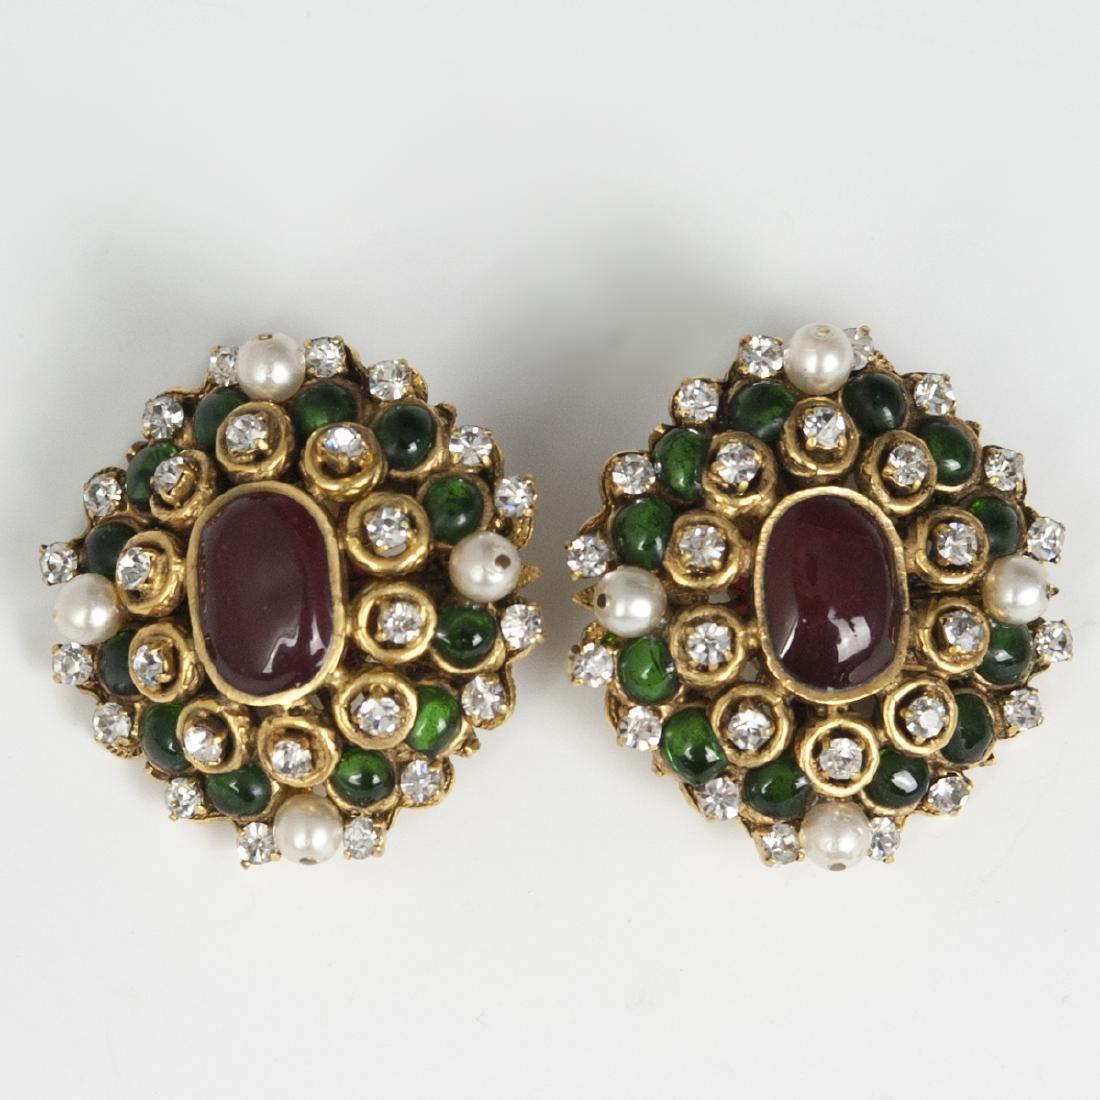 Chanel Gripoix Clip Earrings